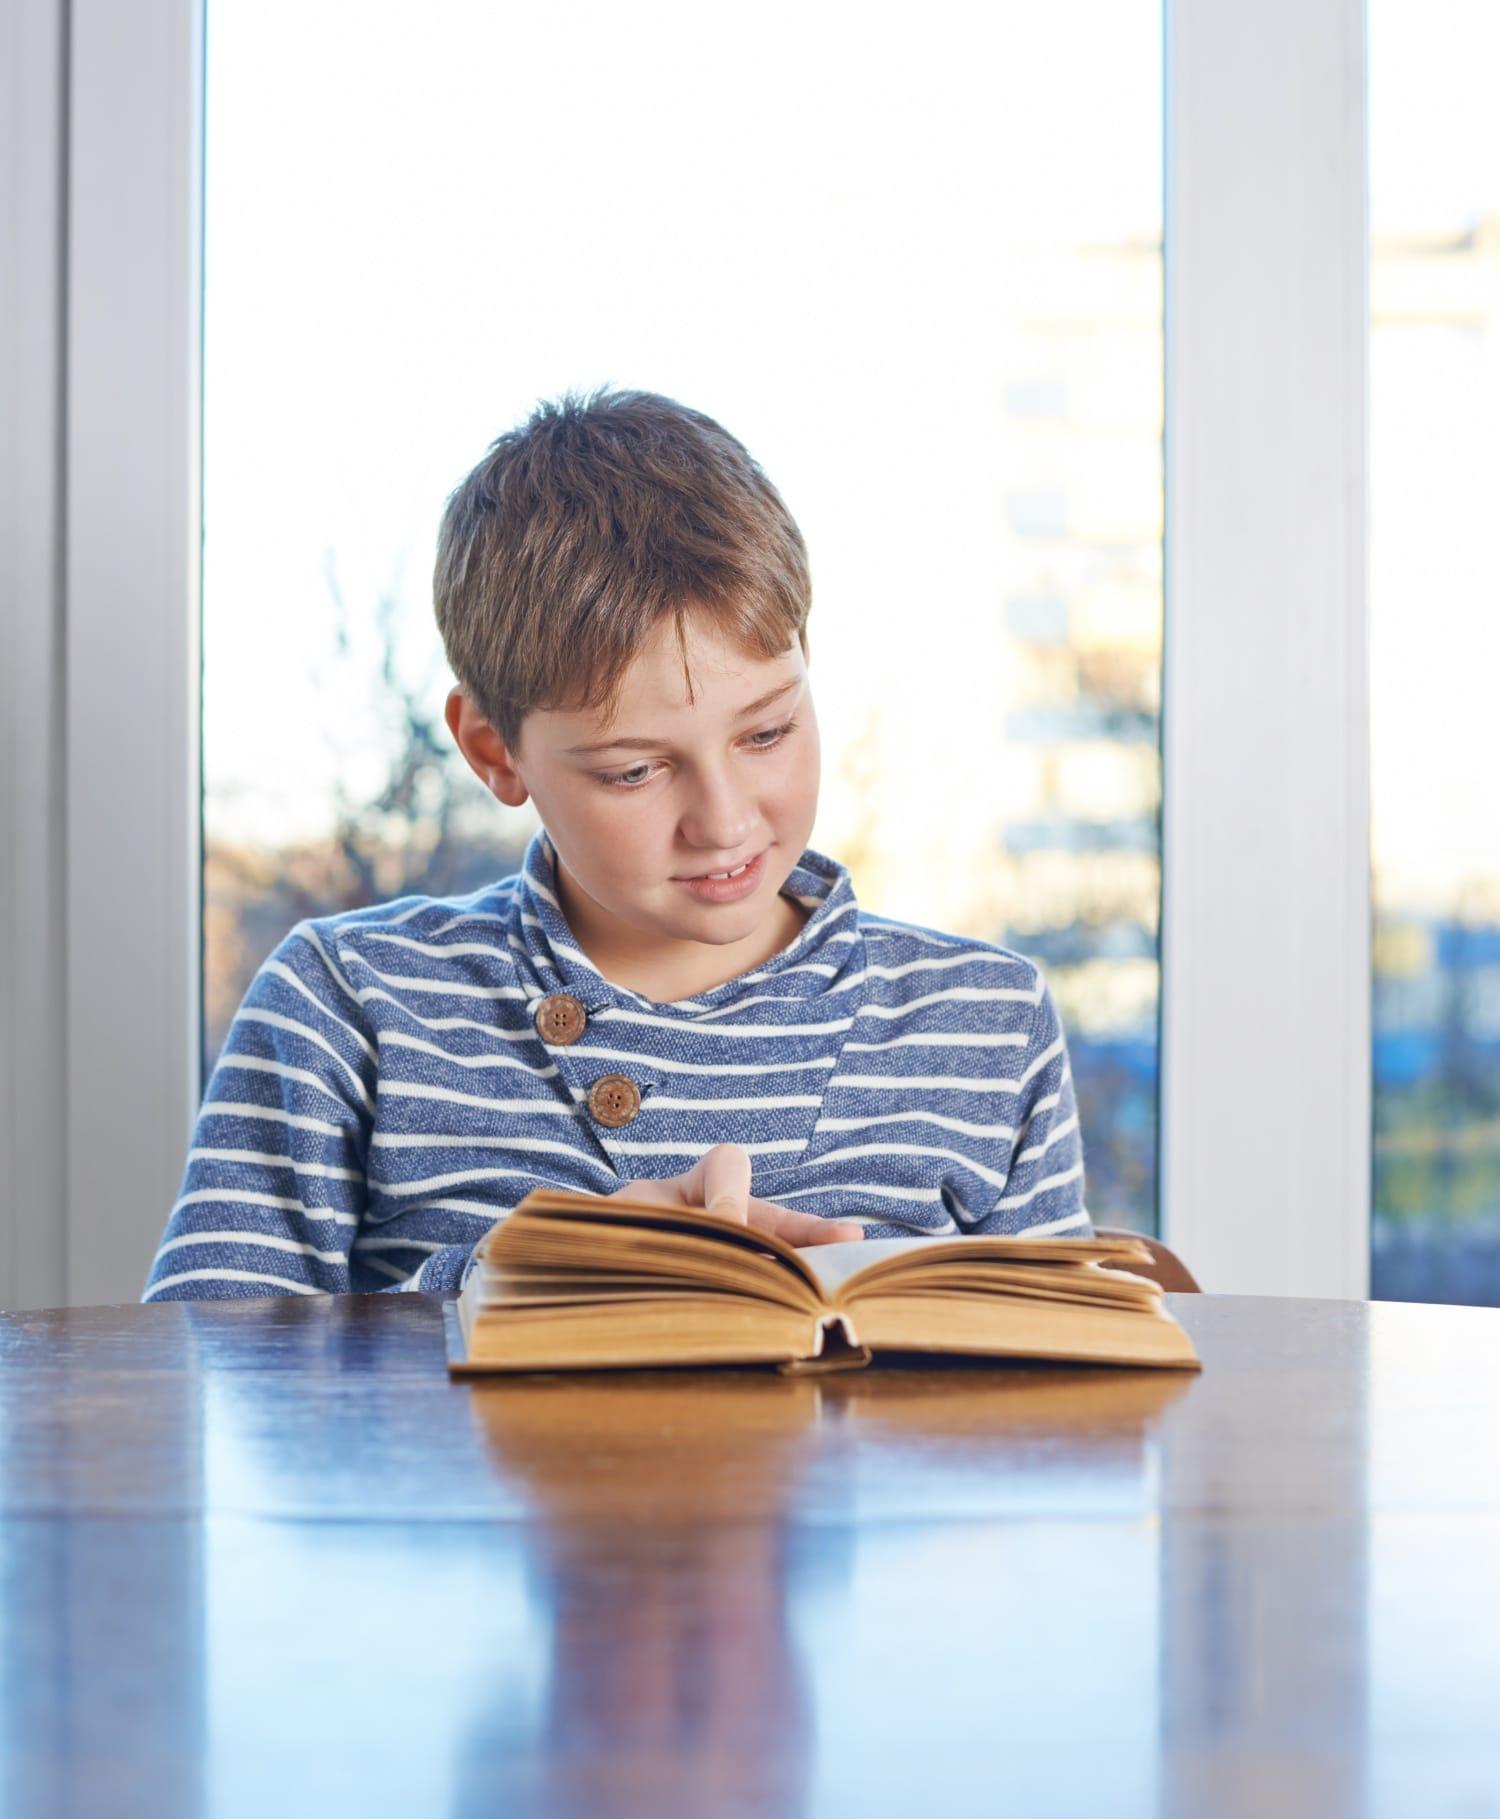 Meglepő javulást hozhat a tanulásban az agytorna